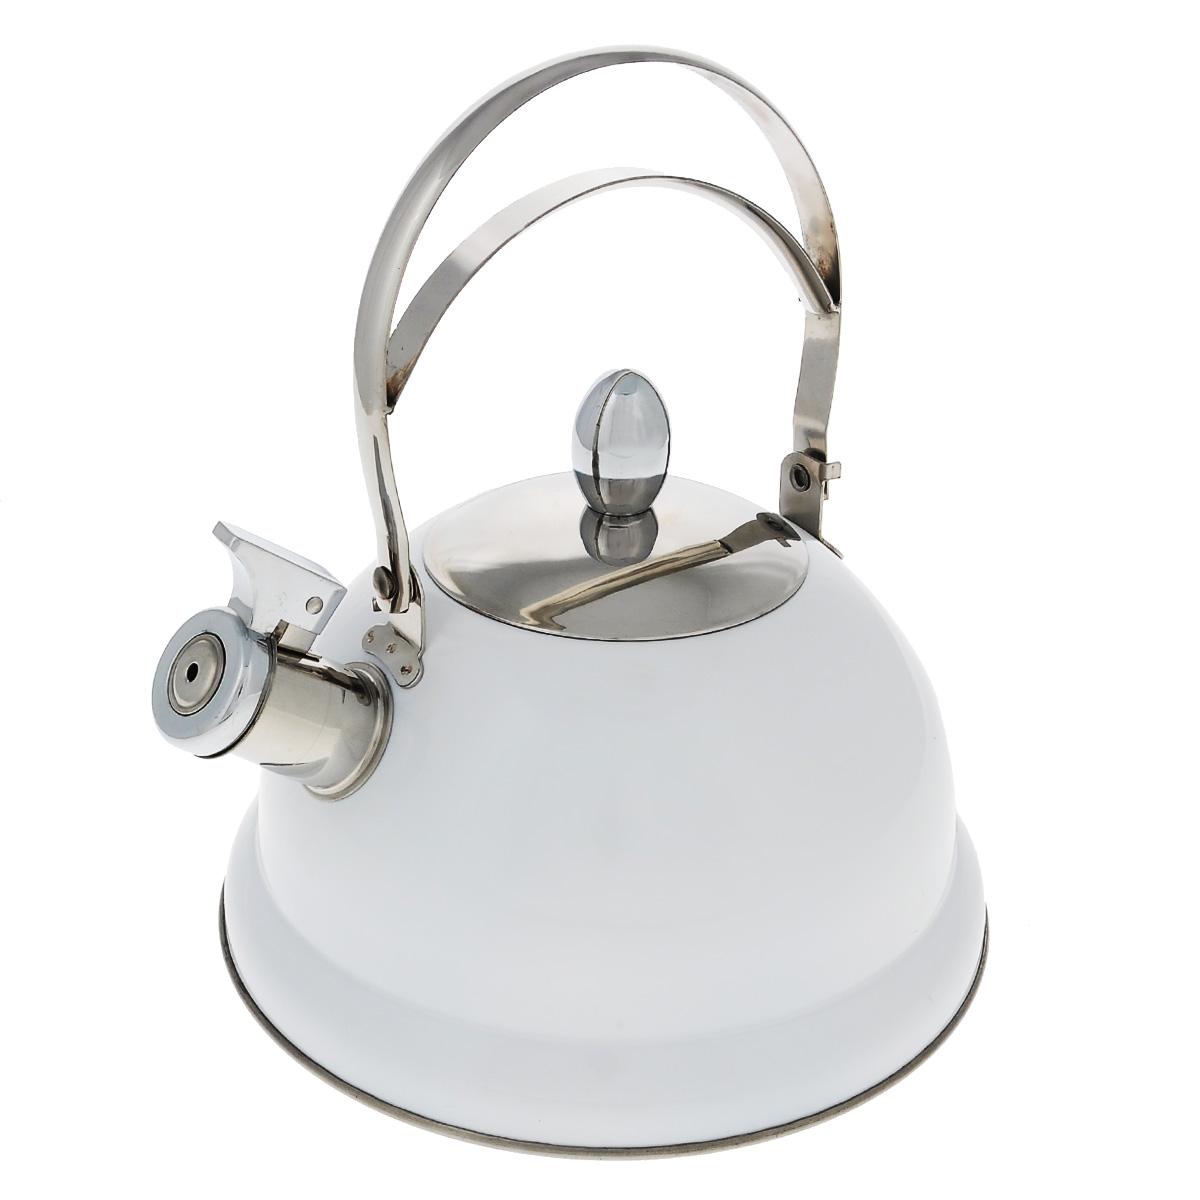 Чайник Bekker De Luxe, со свистком, цвет: белый, 2,6 л. BK-S408BK-S408Чайник Bekker De Luxe изготовлен извысококачественной нержавеющей стали 18/10 сцветным эмалевым покрытием. Капсулированноедно распределяет тепло по всей поверхности, чтопозволяет чайнику быстро закипать. Ручкаподвижная. Носик оснащен откидным свистком,который подскажет, когда вода закипела. Свистокоткрывается и закрывается с помощьюспециального рычага.Подходит для всех типов плит, включаяиндукционные.Можно мыть в посудомоечной машине. Диаметр (по верхнему краю): 10 см.Диаметр основания: 22 см.Высота чайника (без учета ручки): 13 см.